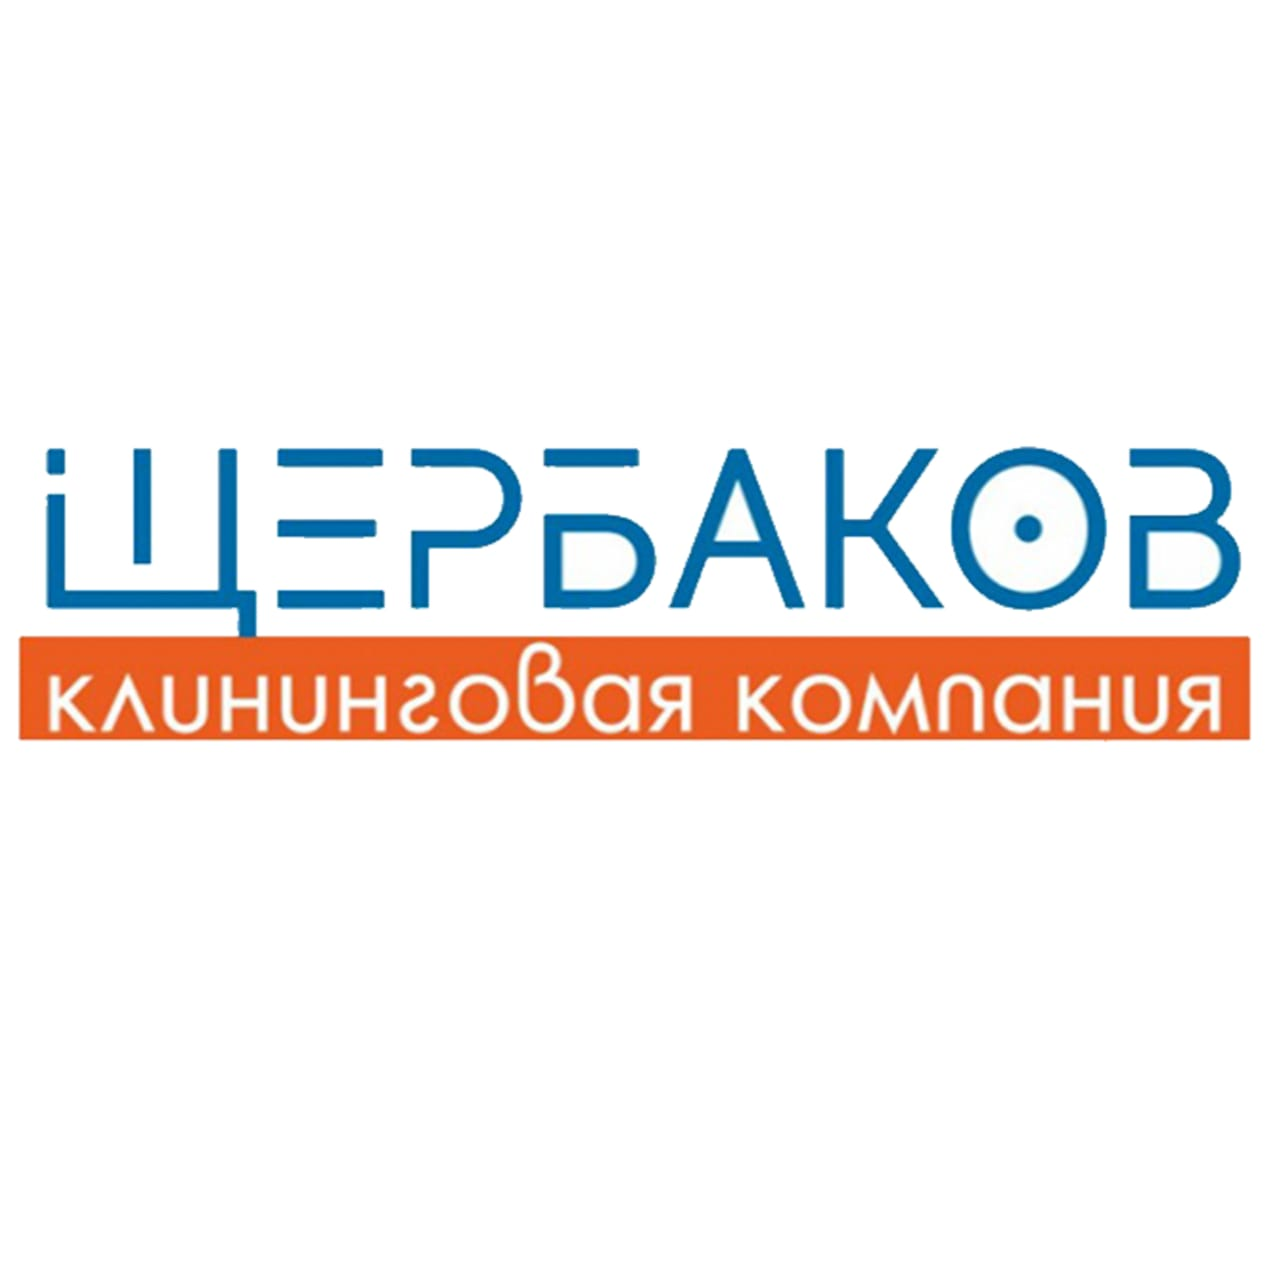 Клининговая компания Щербаков